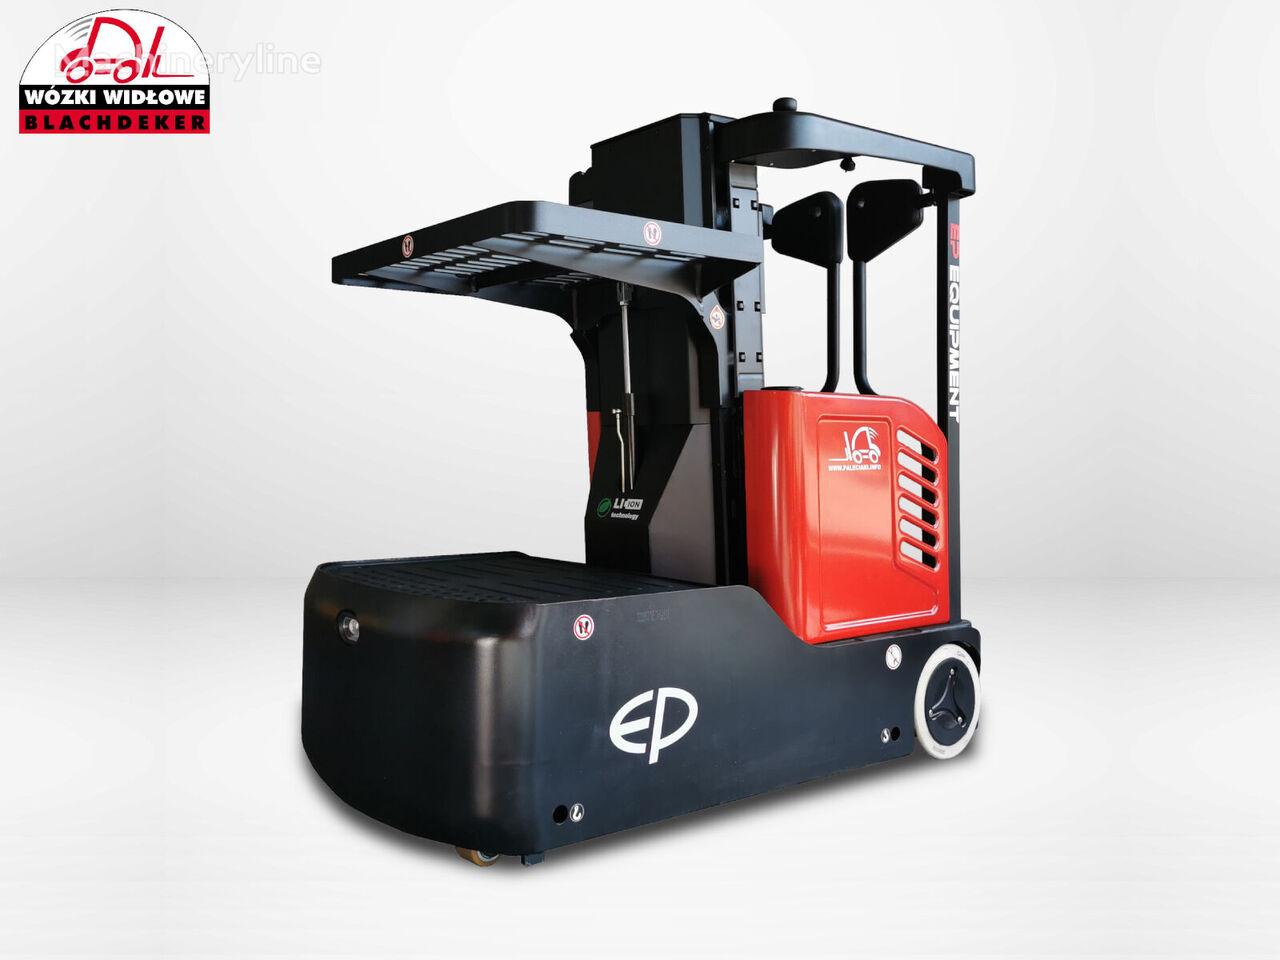 EP JX0 Li-ion order picker